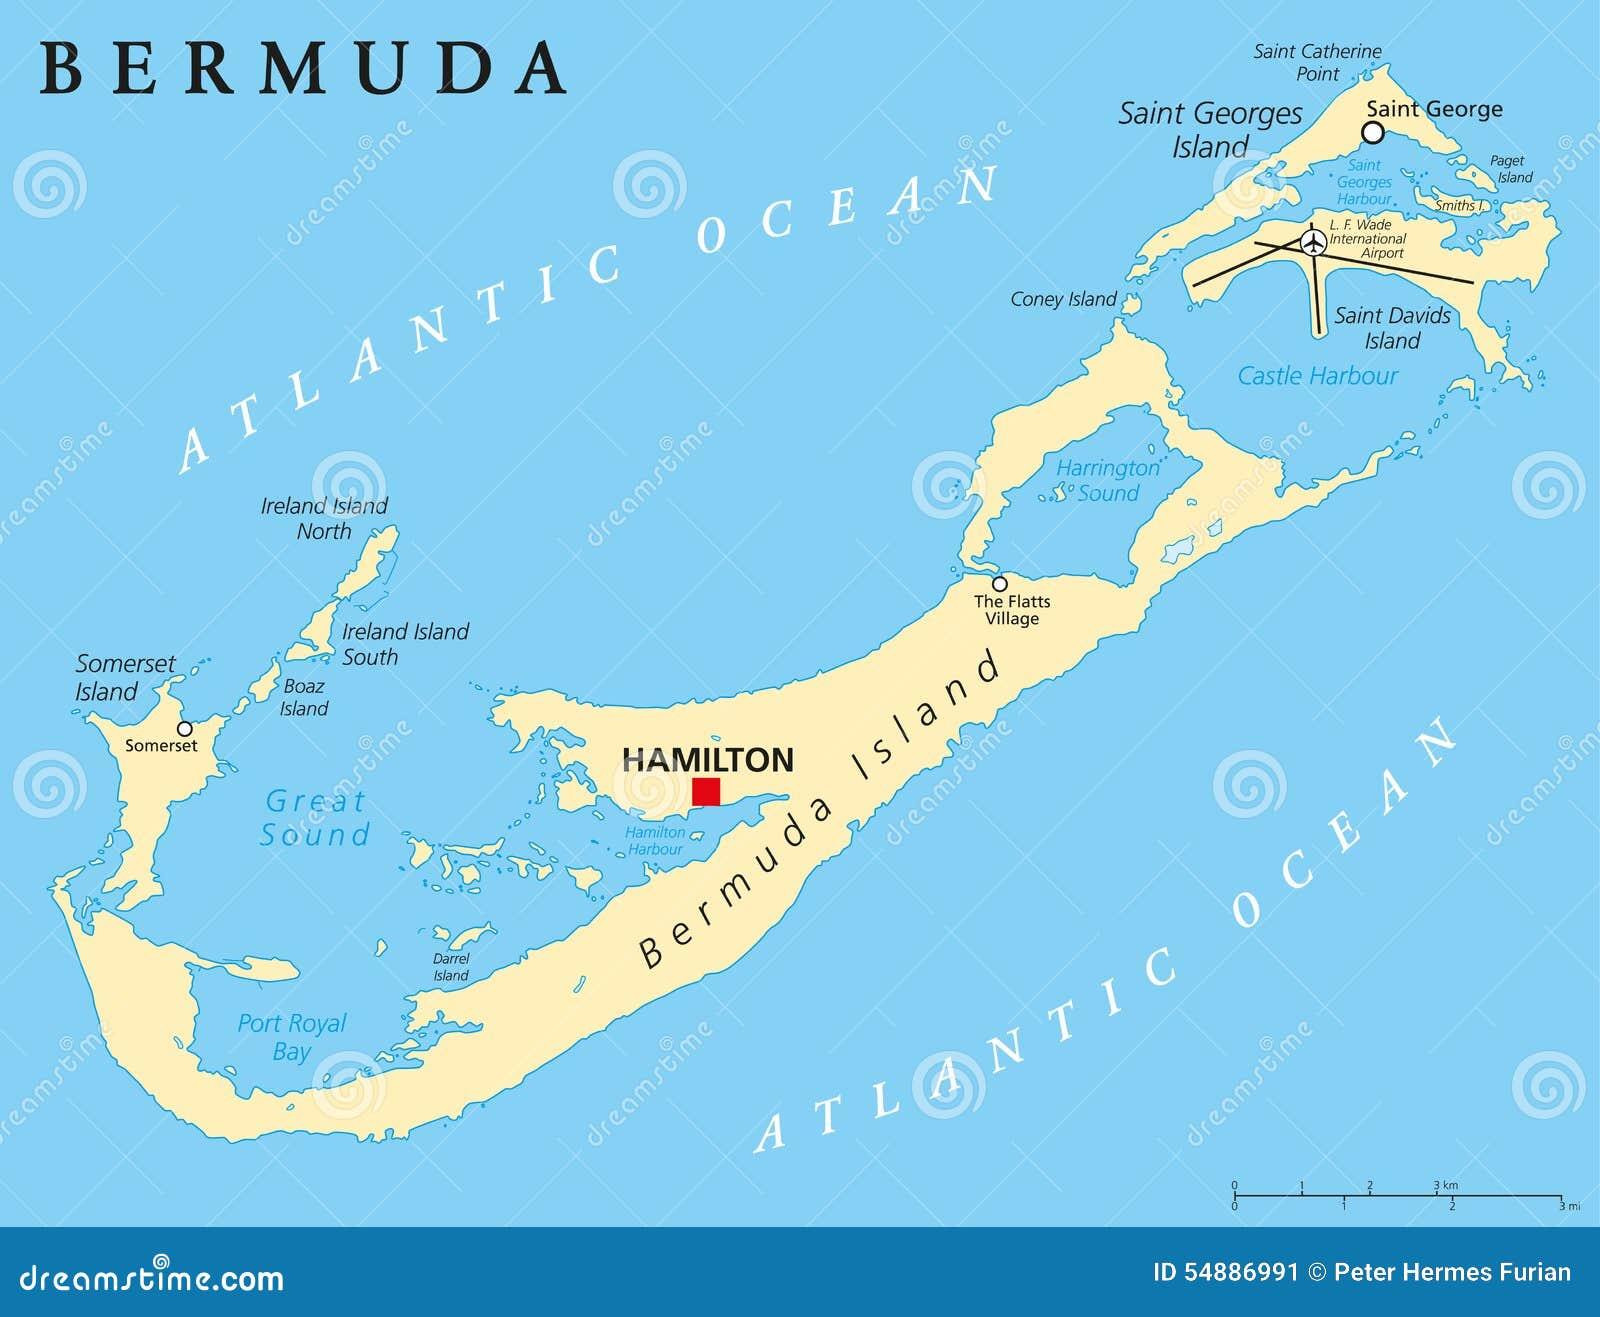 bermuda us territory